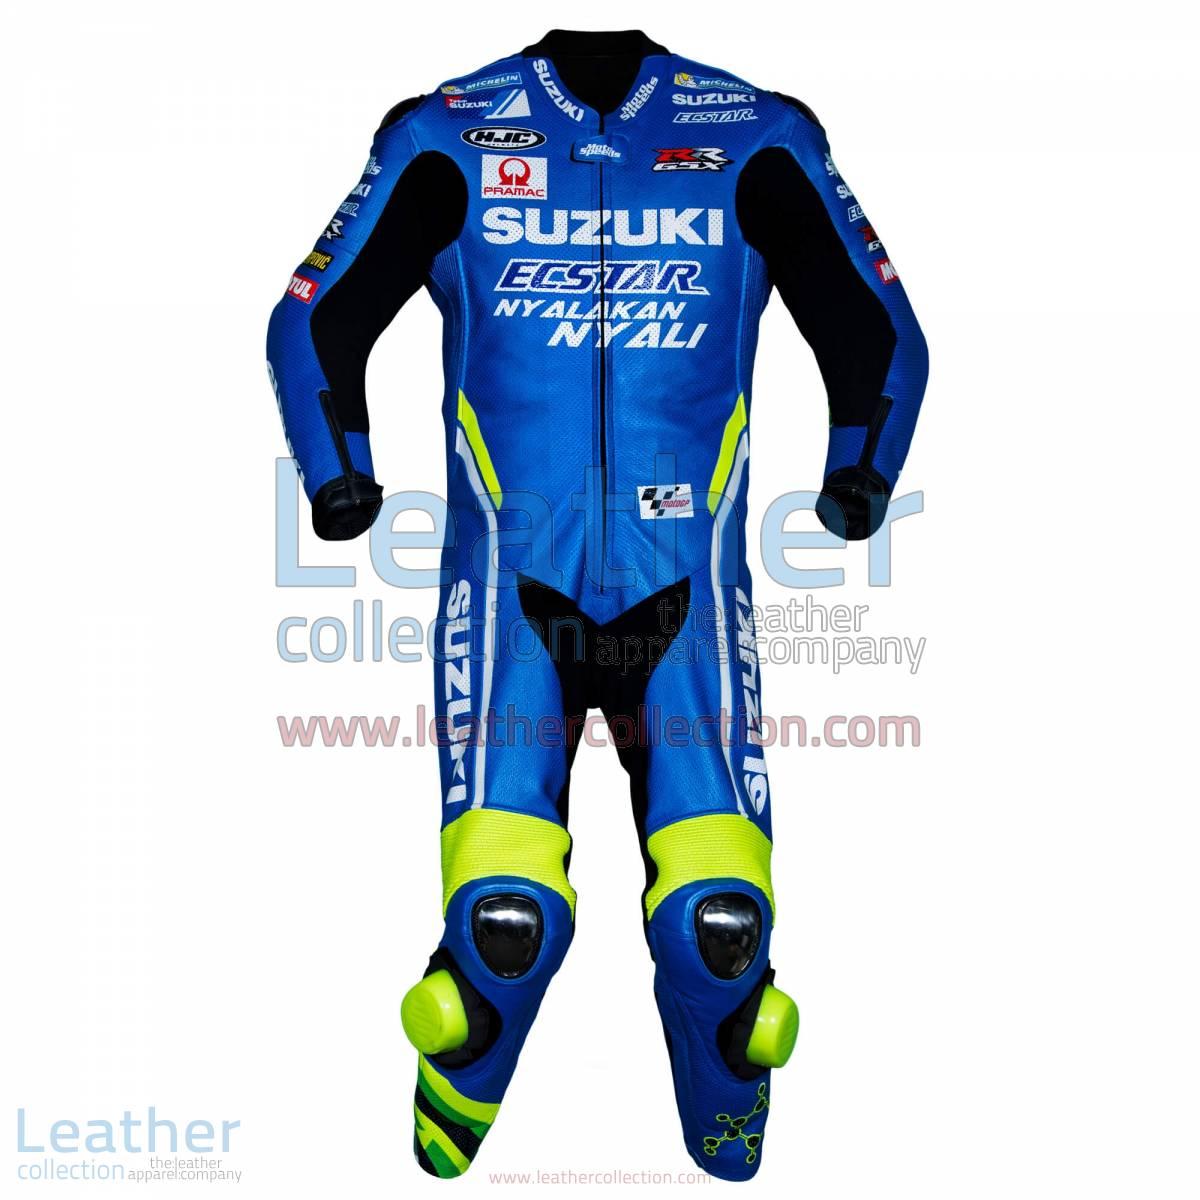 Andrea Iannone Suzuki MotoGP 2018 Leather Suit | Andrea Iannone Suzuki MotoGP 2018 Leather Suit